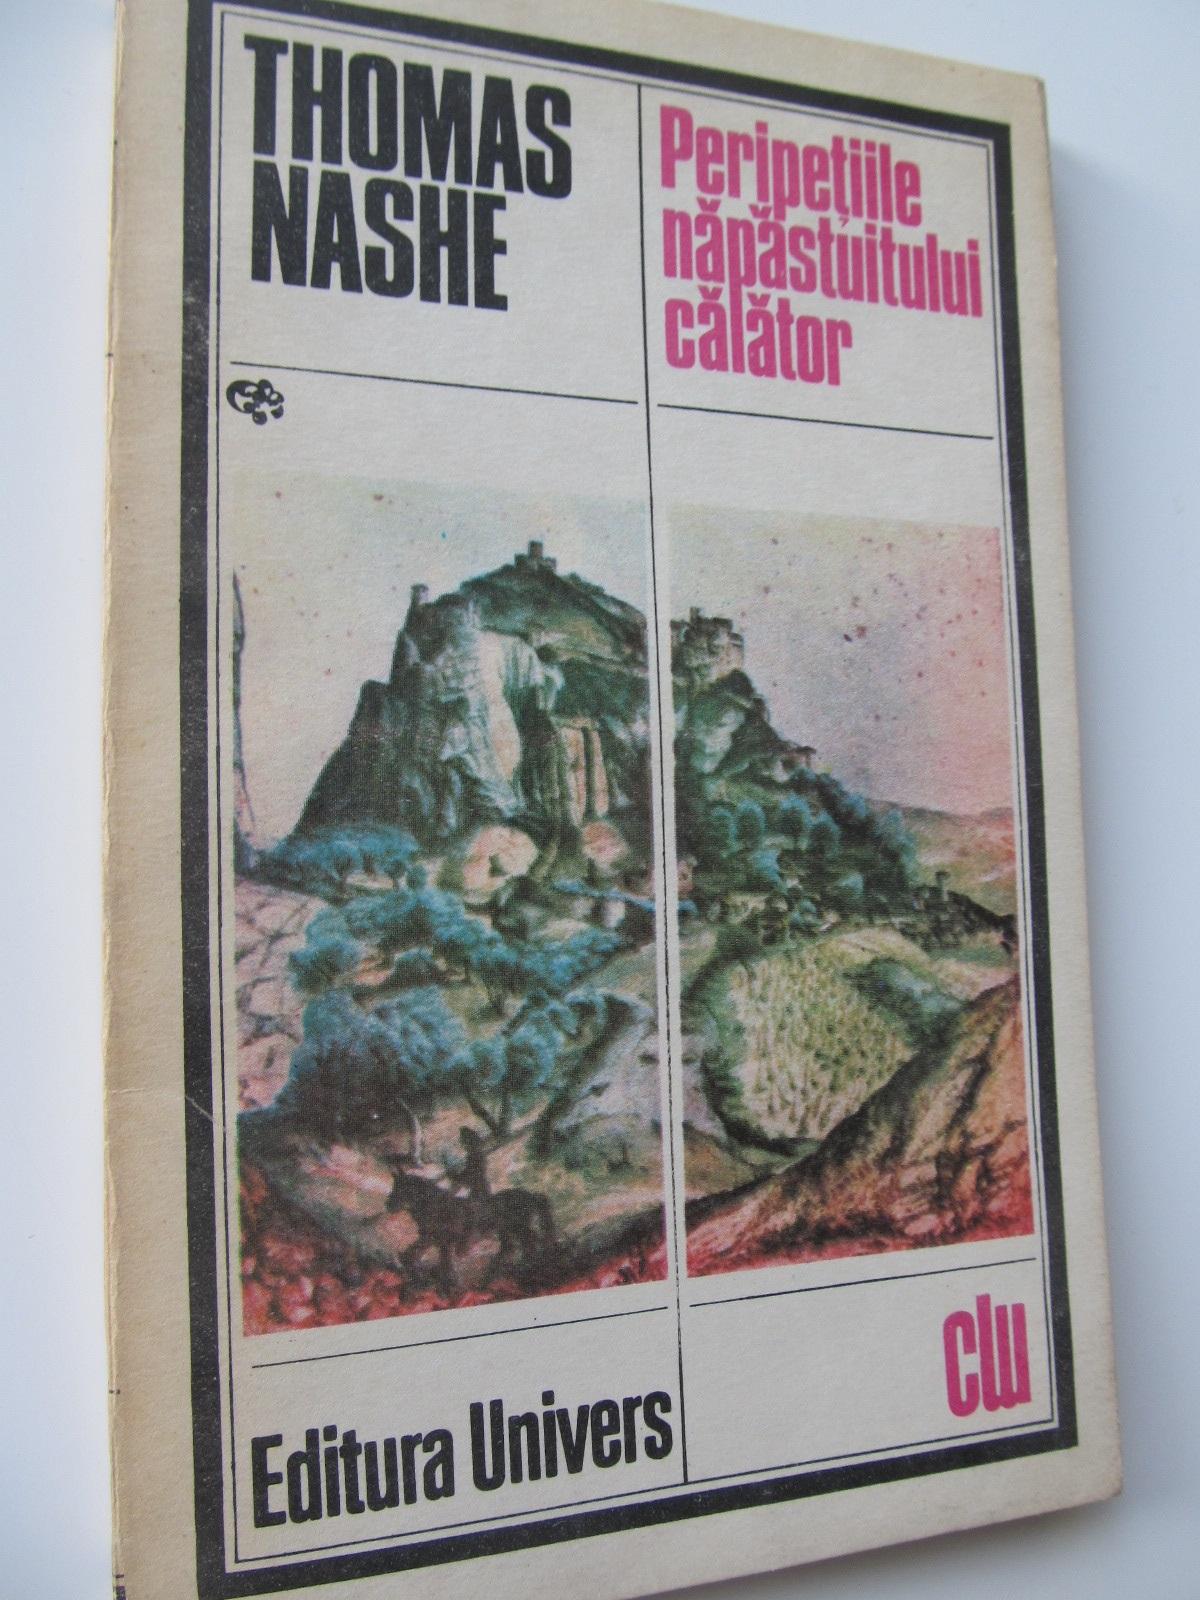 Peripetiile napastuitului calator - Thomas Nashe | Detalii carte